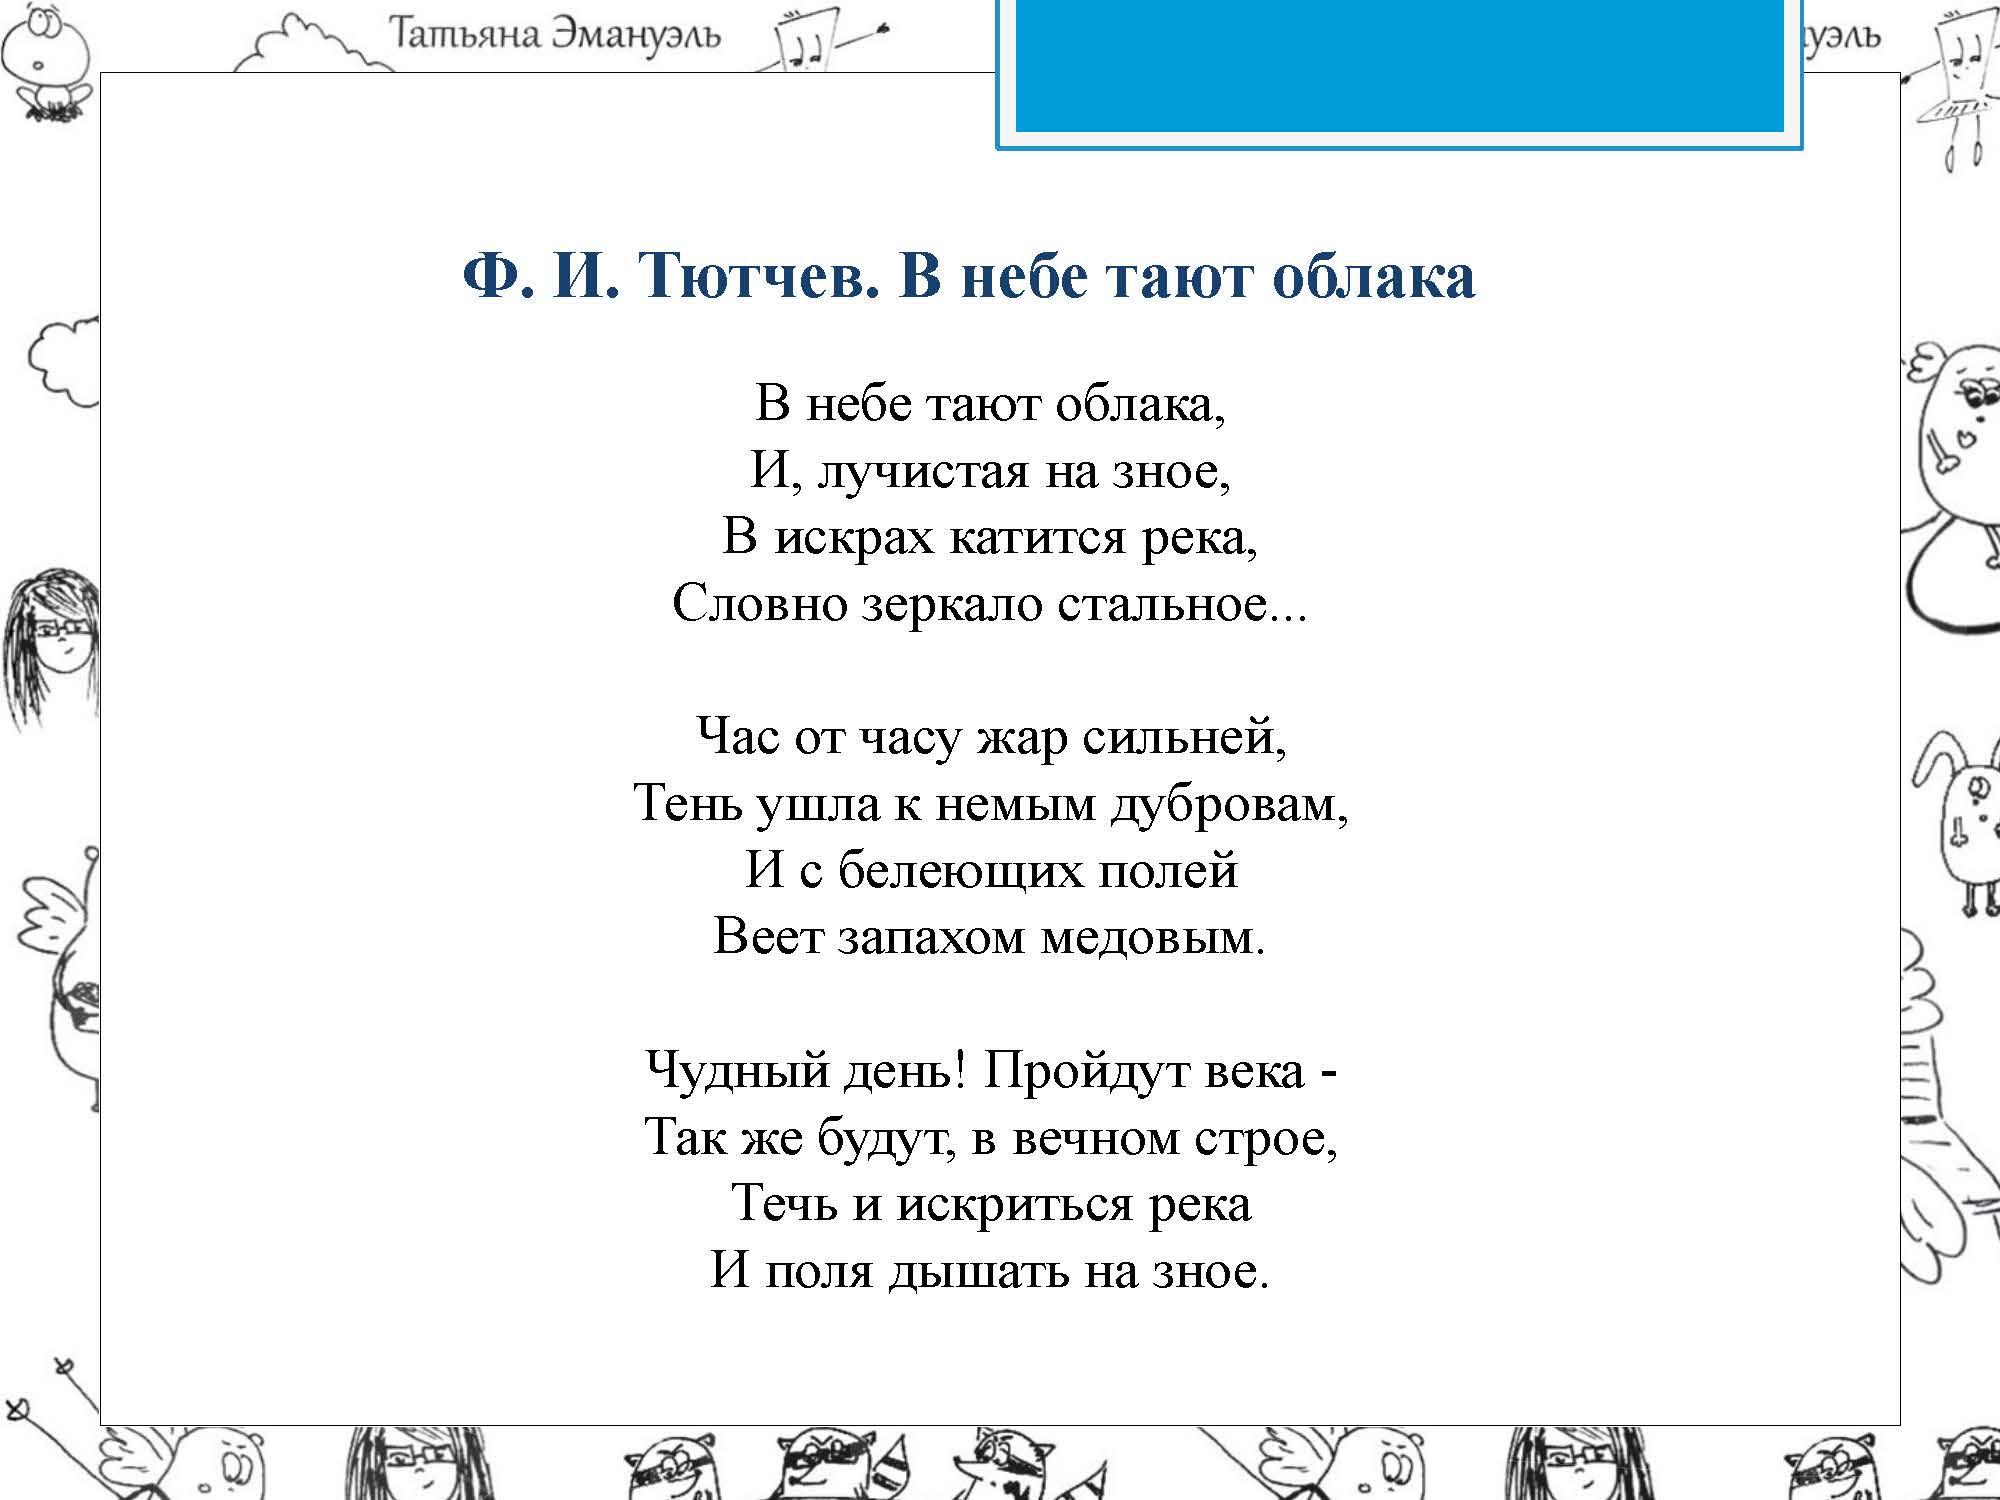 !облака_Страница_166